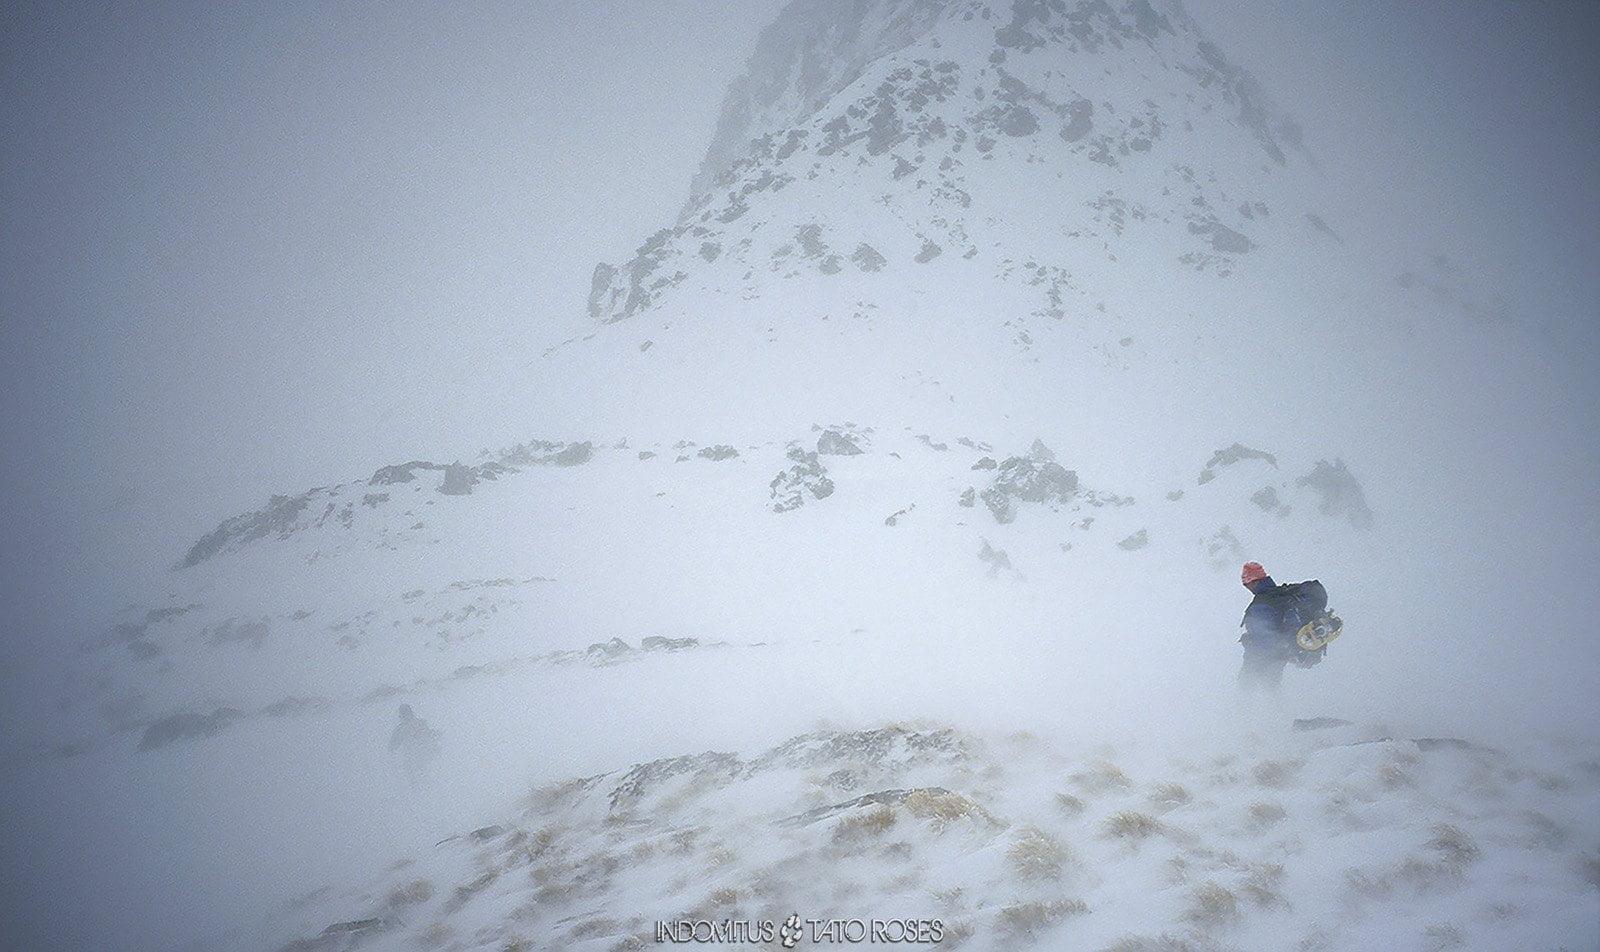 Pirineos Indomitus Tato Rosés 69 1